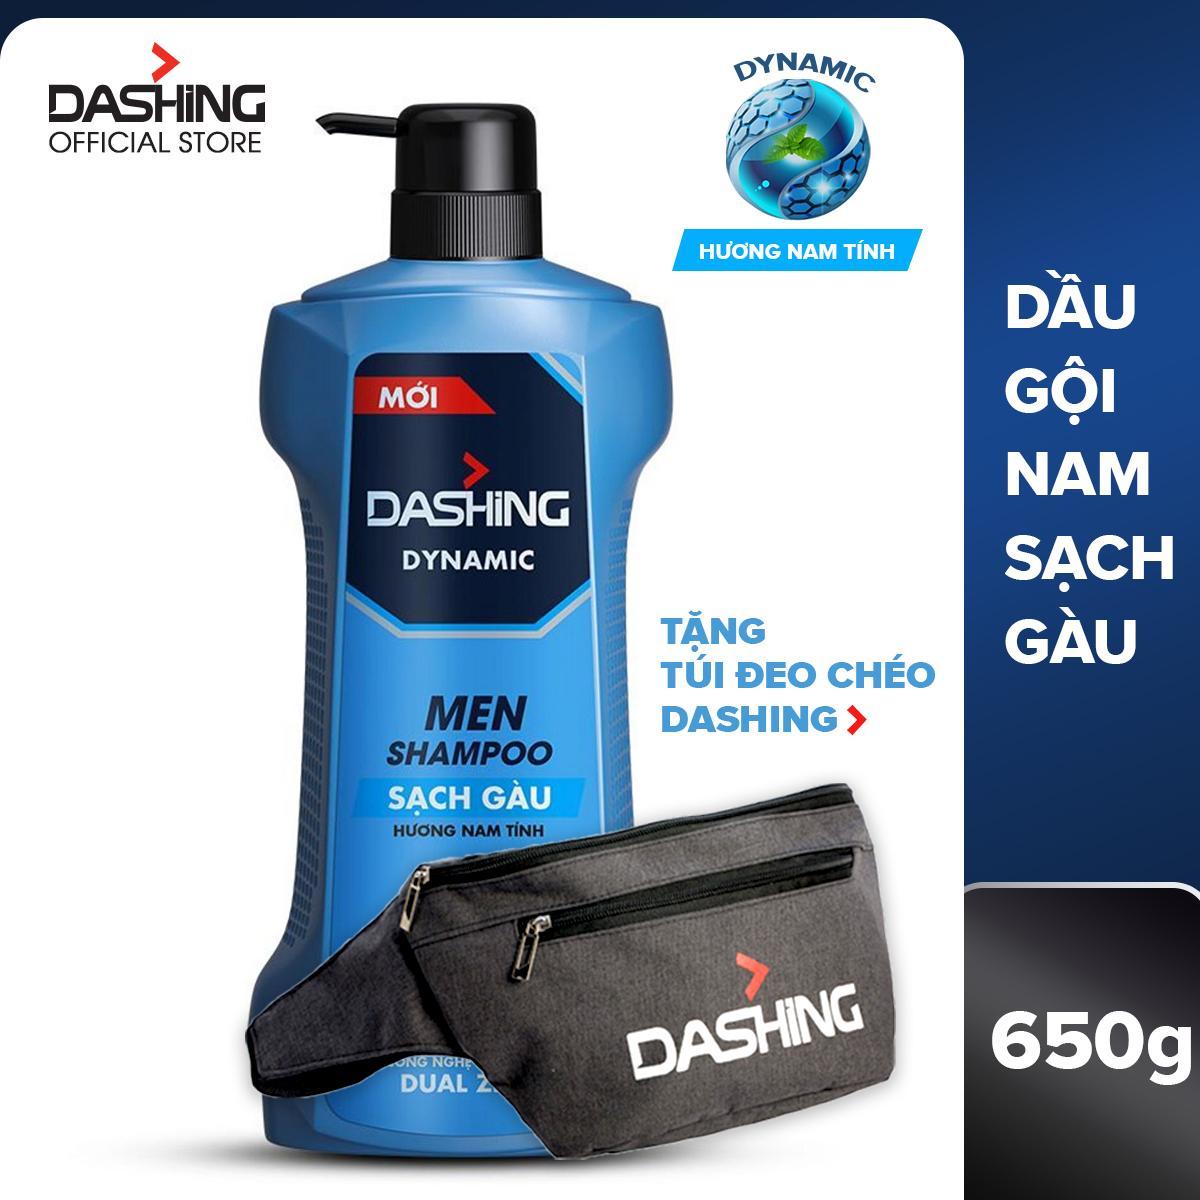 Dầu gội sạch gàu dành cho nam giới Dashing Dynamic Men Shampoo 650g - Tặng túi đeo chéo